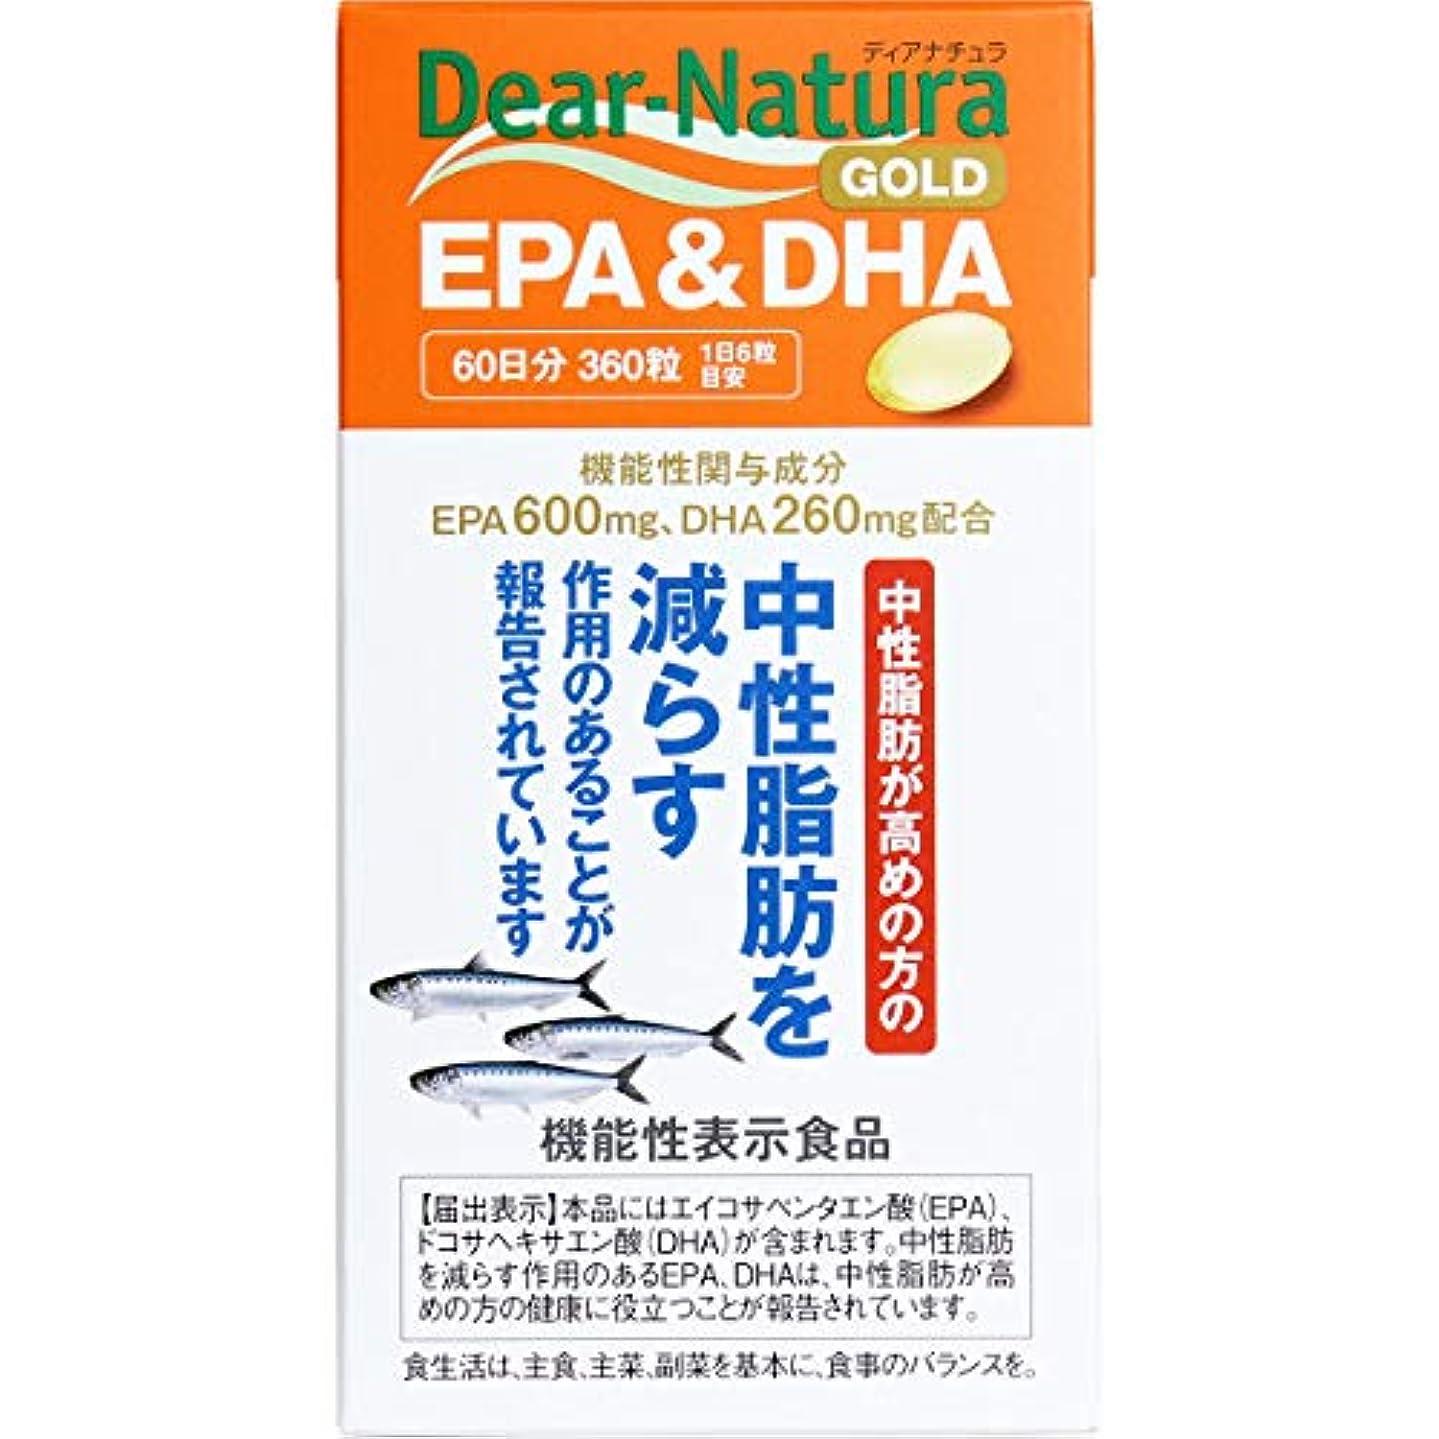 血まみれマーベルセーブディアナチュラゴールド EPA&DHA 60日分 360粒入×5個セット